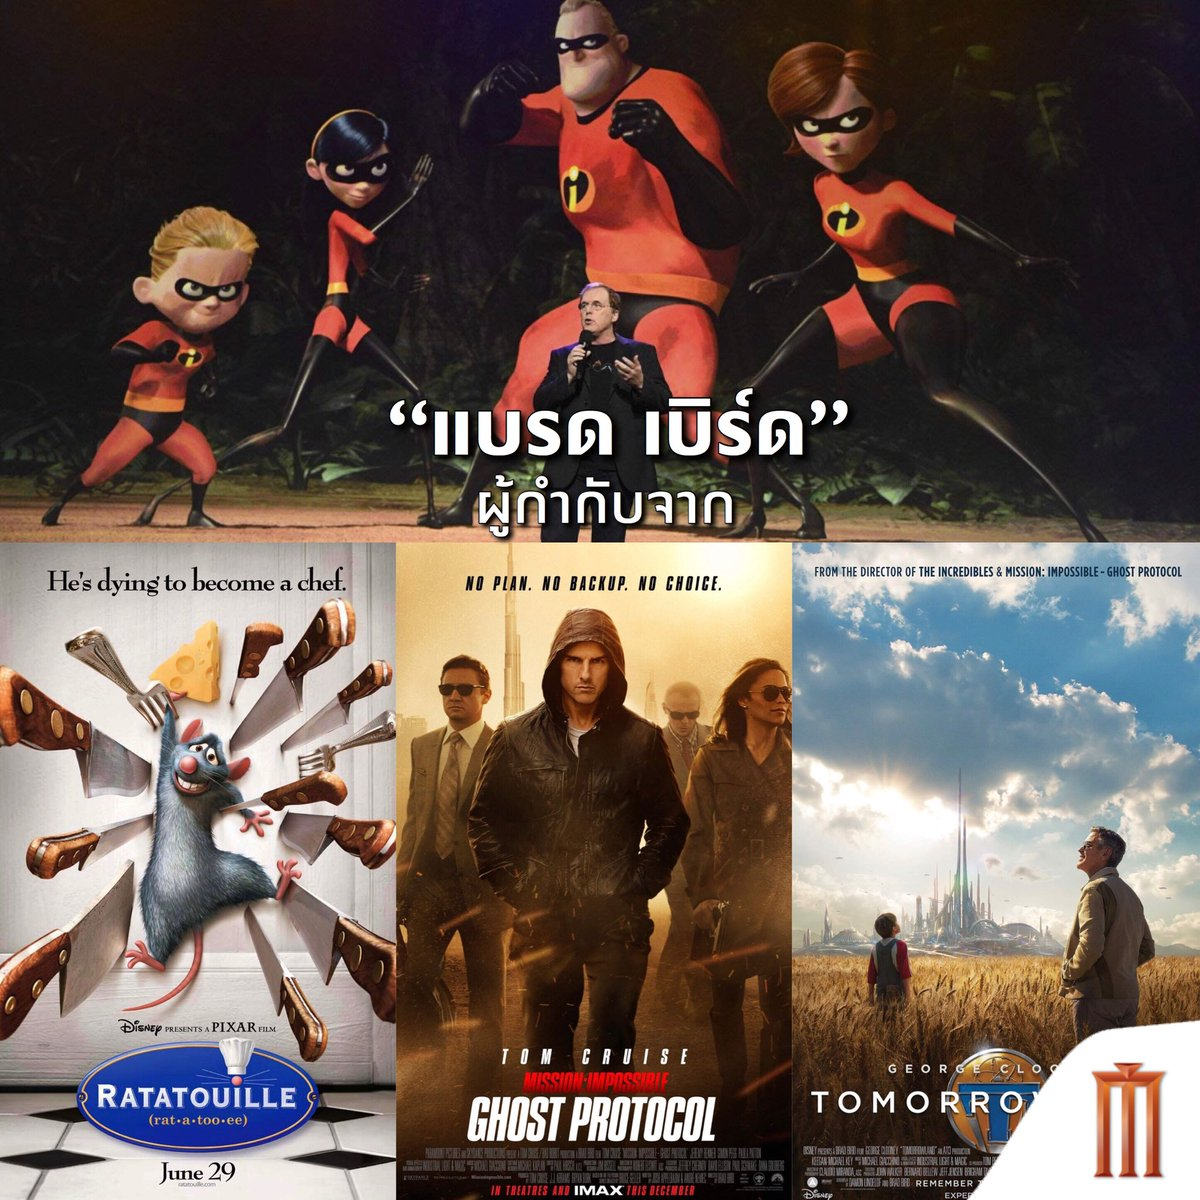 """รับประกันความอบอุ่นมันส์ระเบิดและตื่นตาสำหรับทุกคนในครอบครัว """"แบรด เบิร์ด"""" ผู้กำกับ #Incredibles2  """"รวมเหล่ายอดคนพิทักษ์โลก 2"""" วันนี้ทั้งในระบบ IMAX3D และ 4DX #Incredibles2TH"""